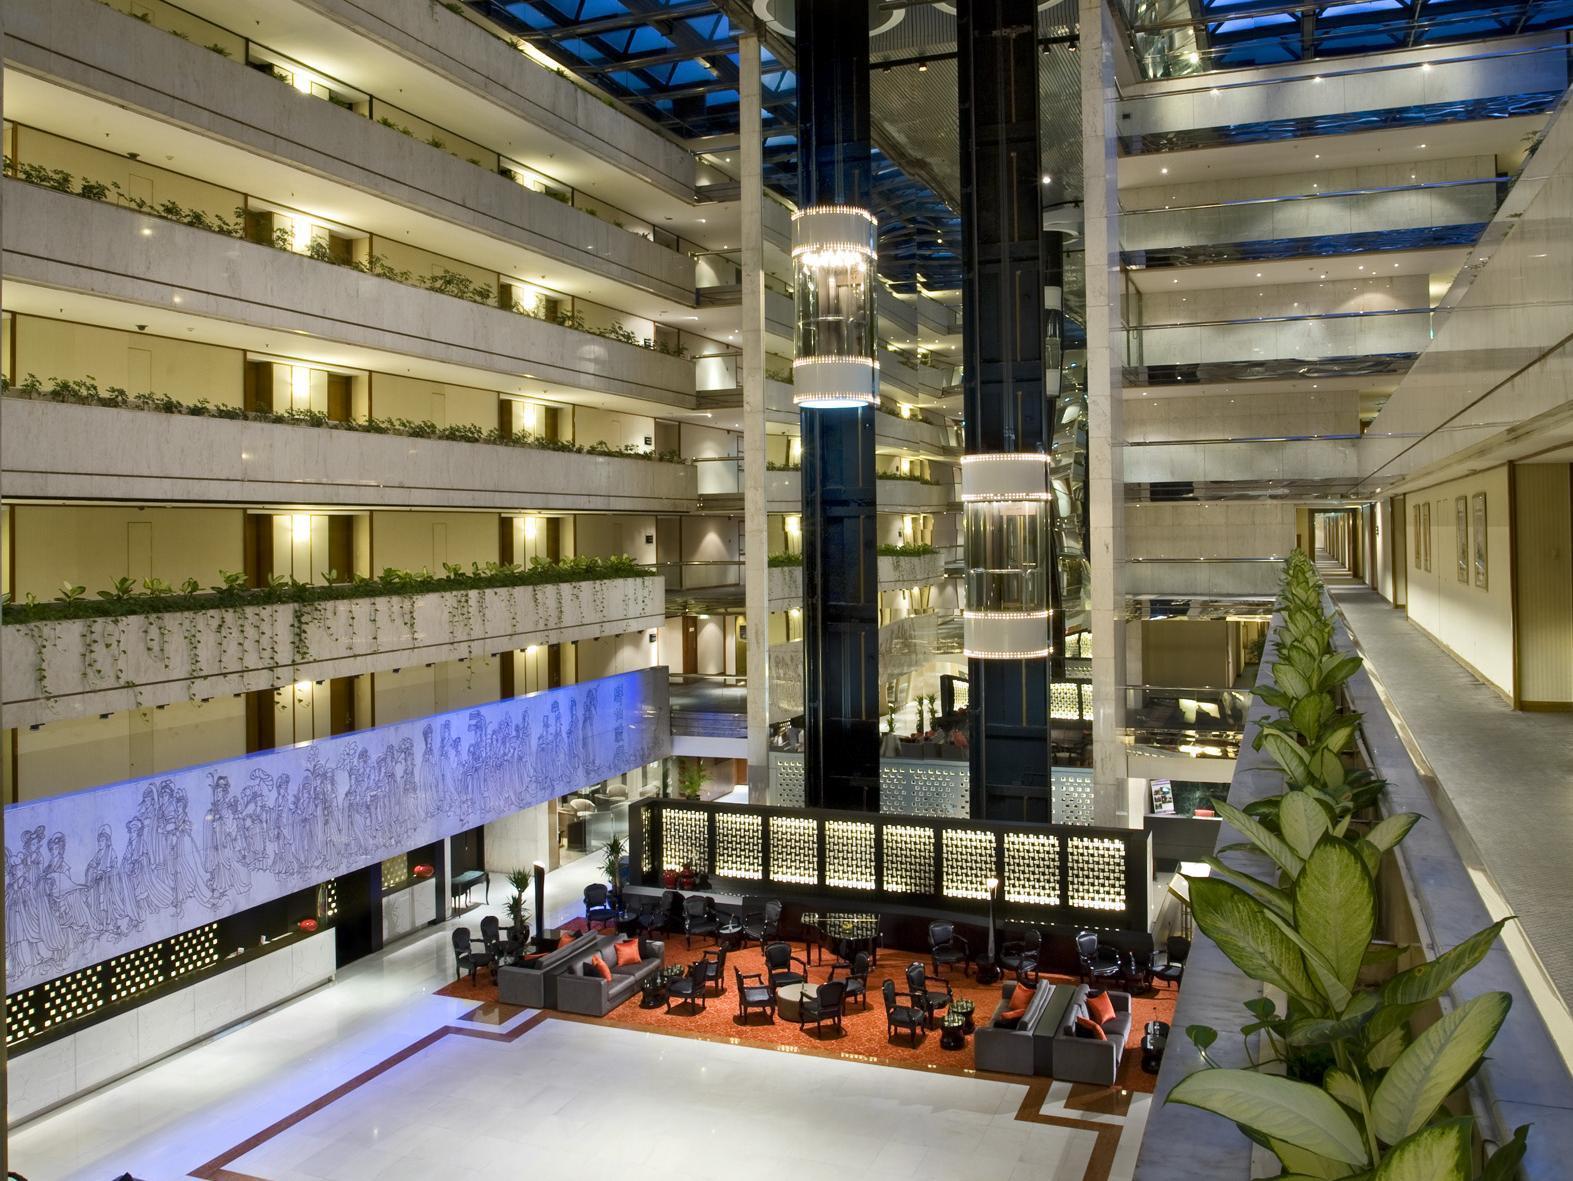 ค็องคอร์ด โฮเต็ล สิงคโปร์ (Concorde Hotel Singapore)